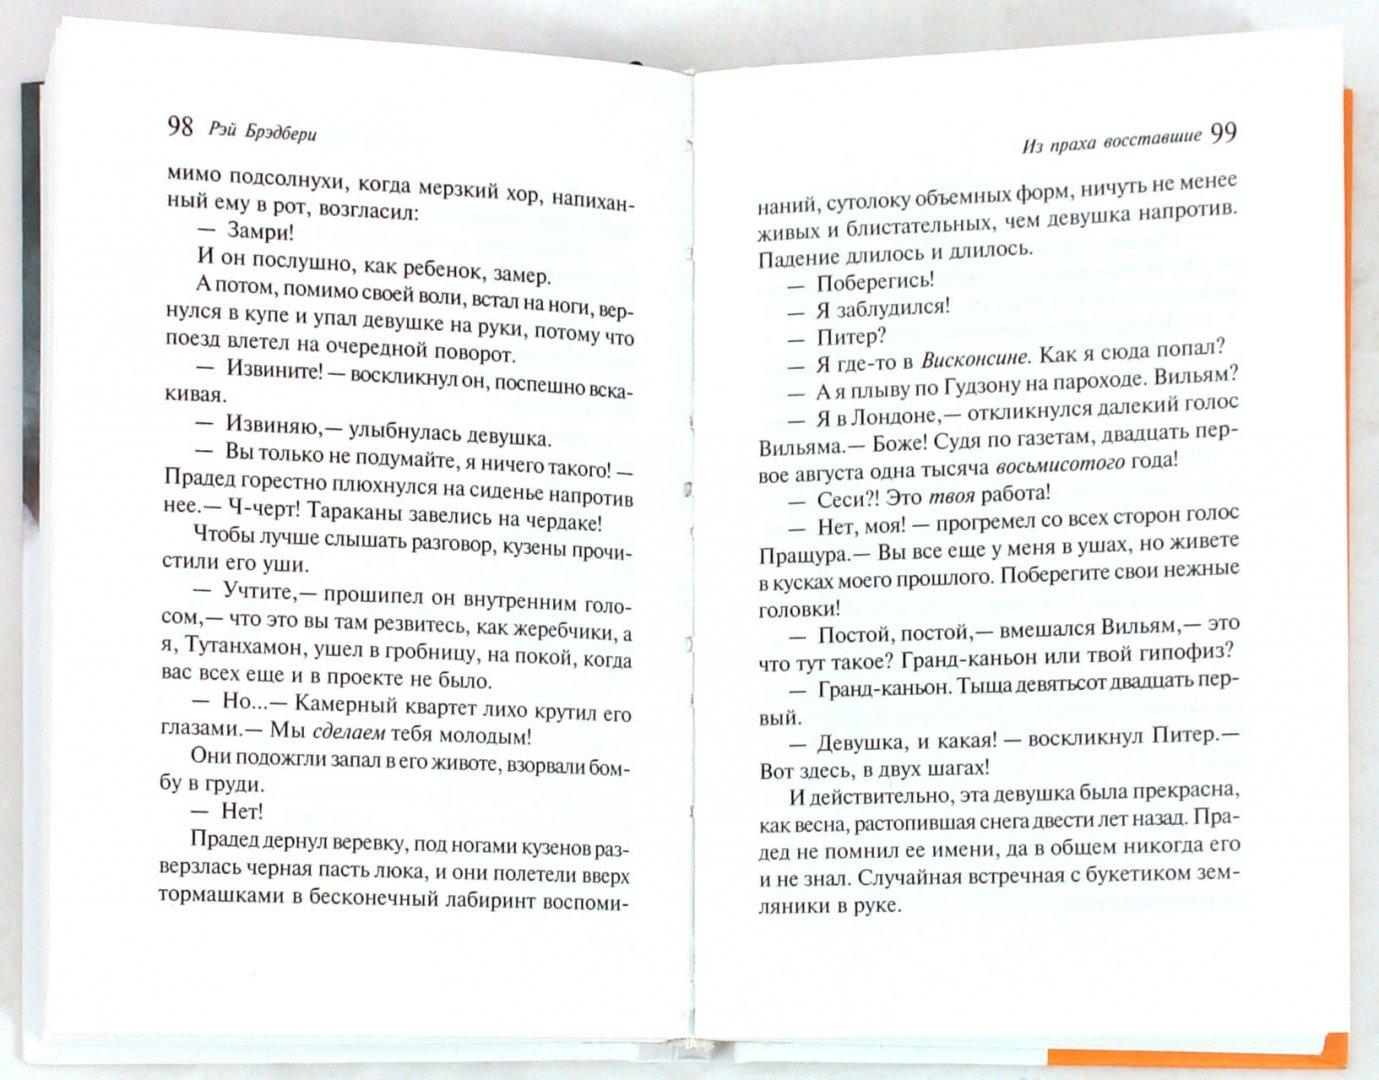 Иллюстрация 1 из 6 для Из праха восставшие - Рэй Брэдбери | Лабиринт - книги. Источник: Лабиринт